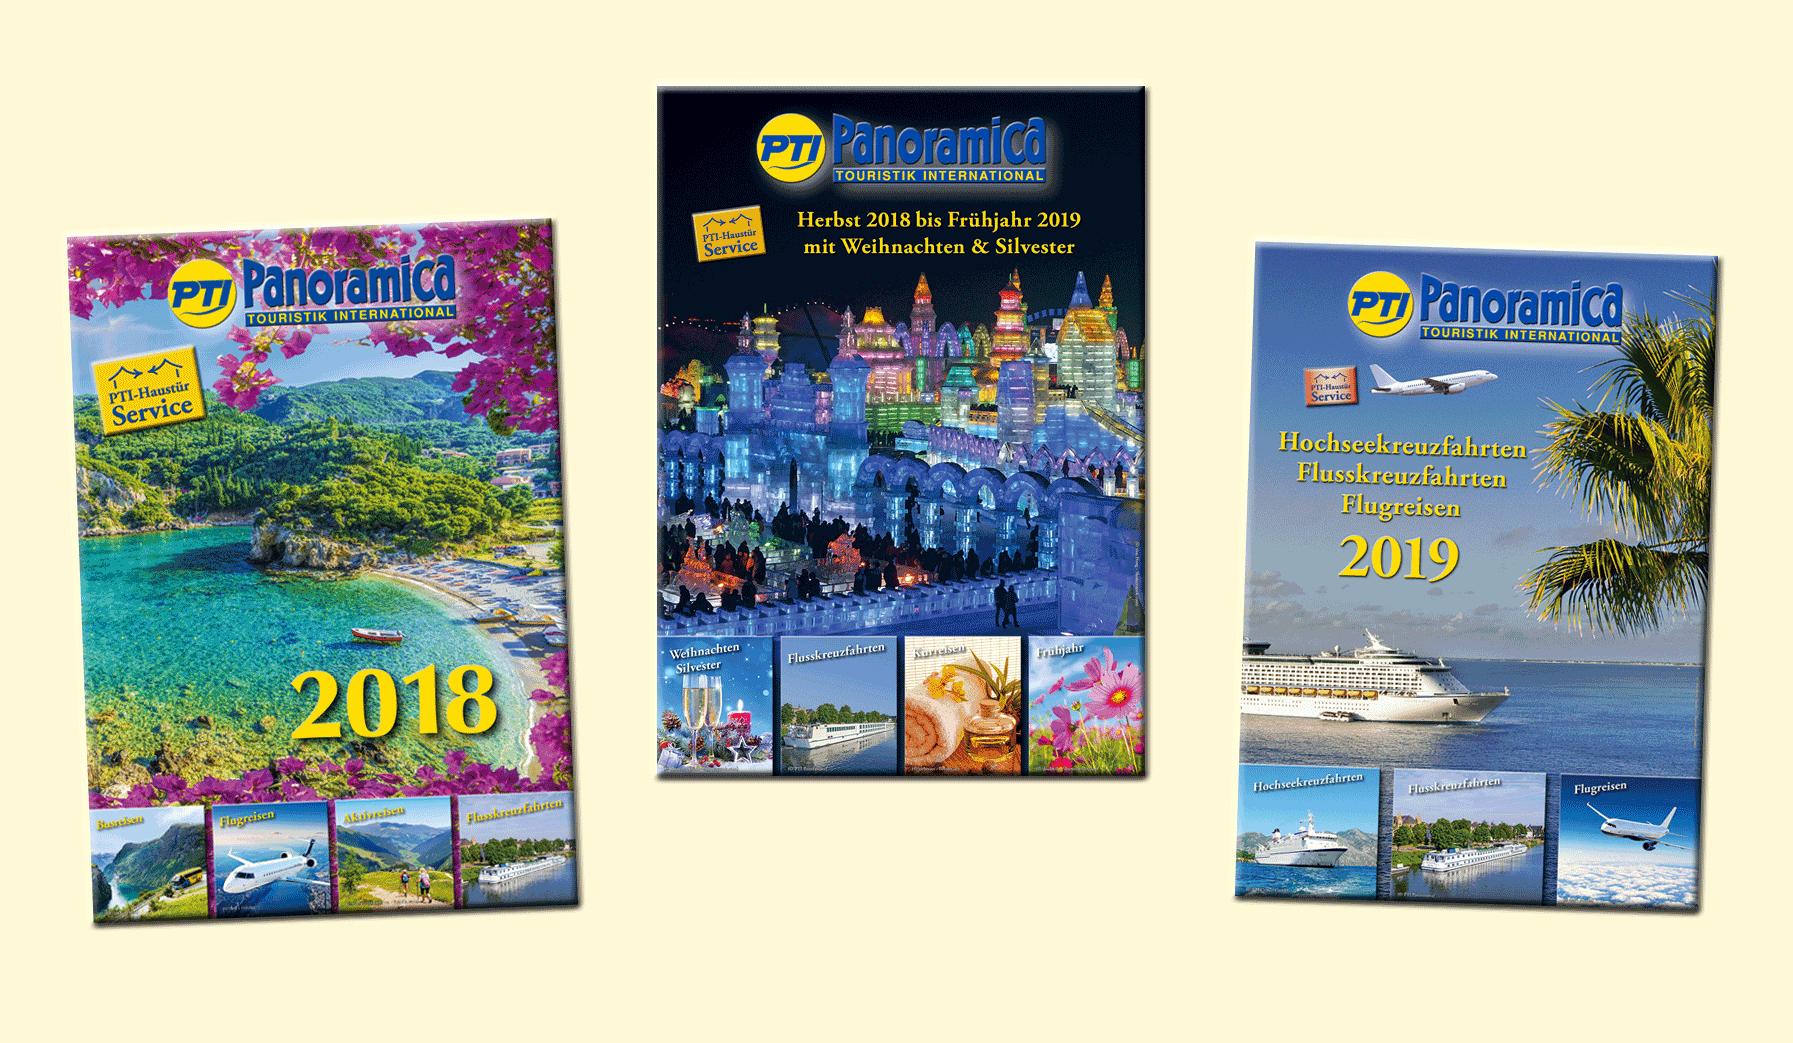 Katalogbestellung_06-2018